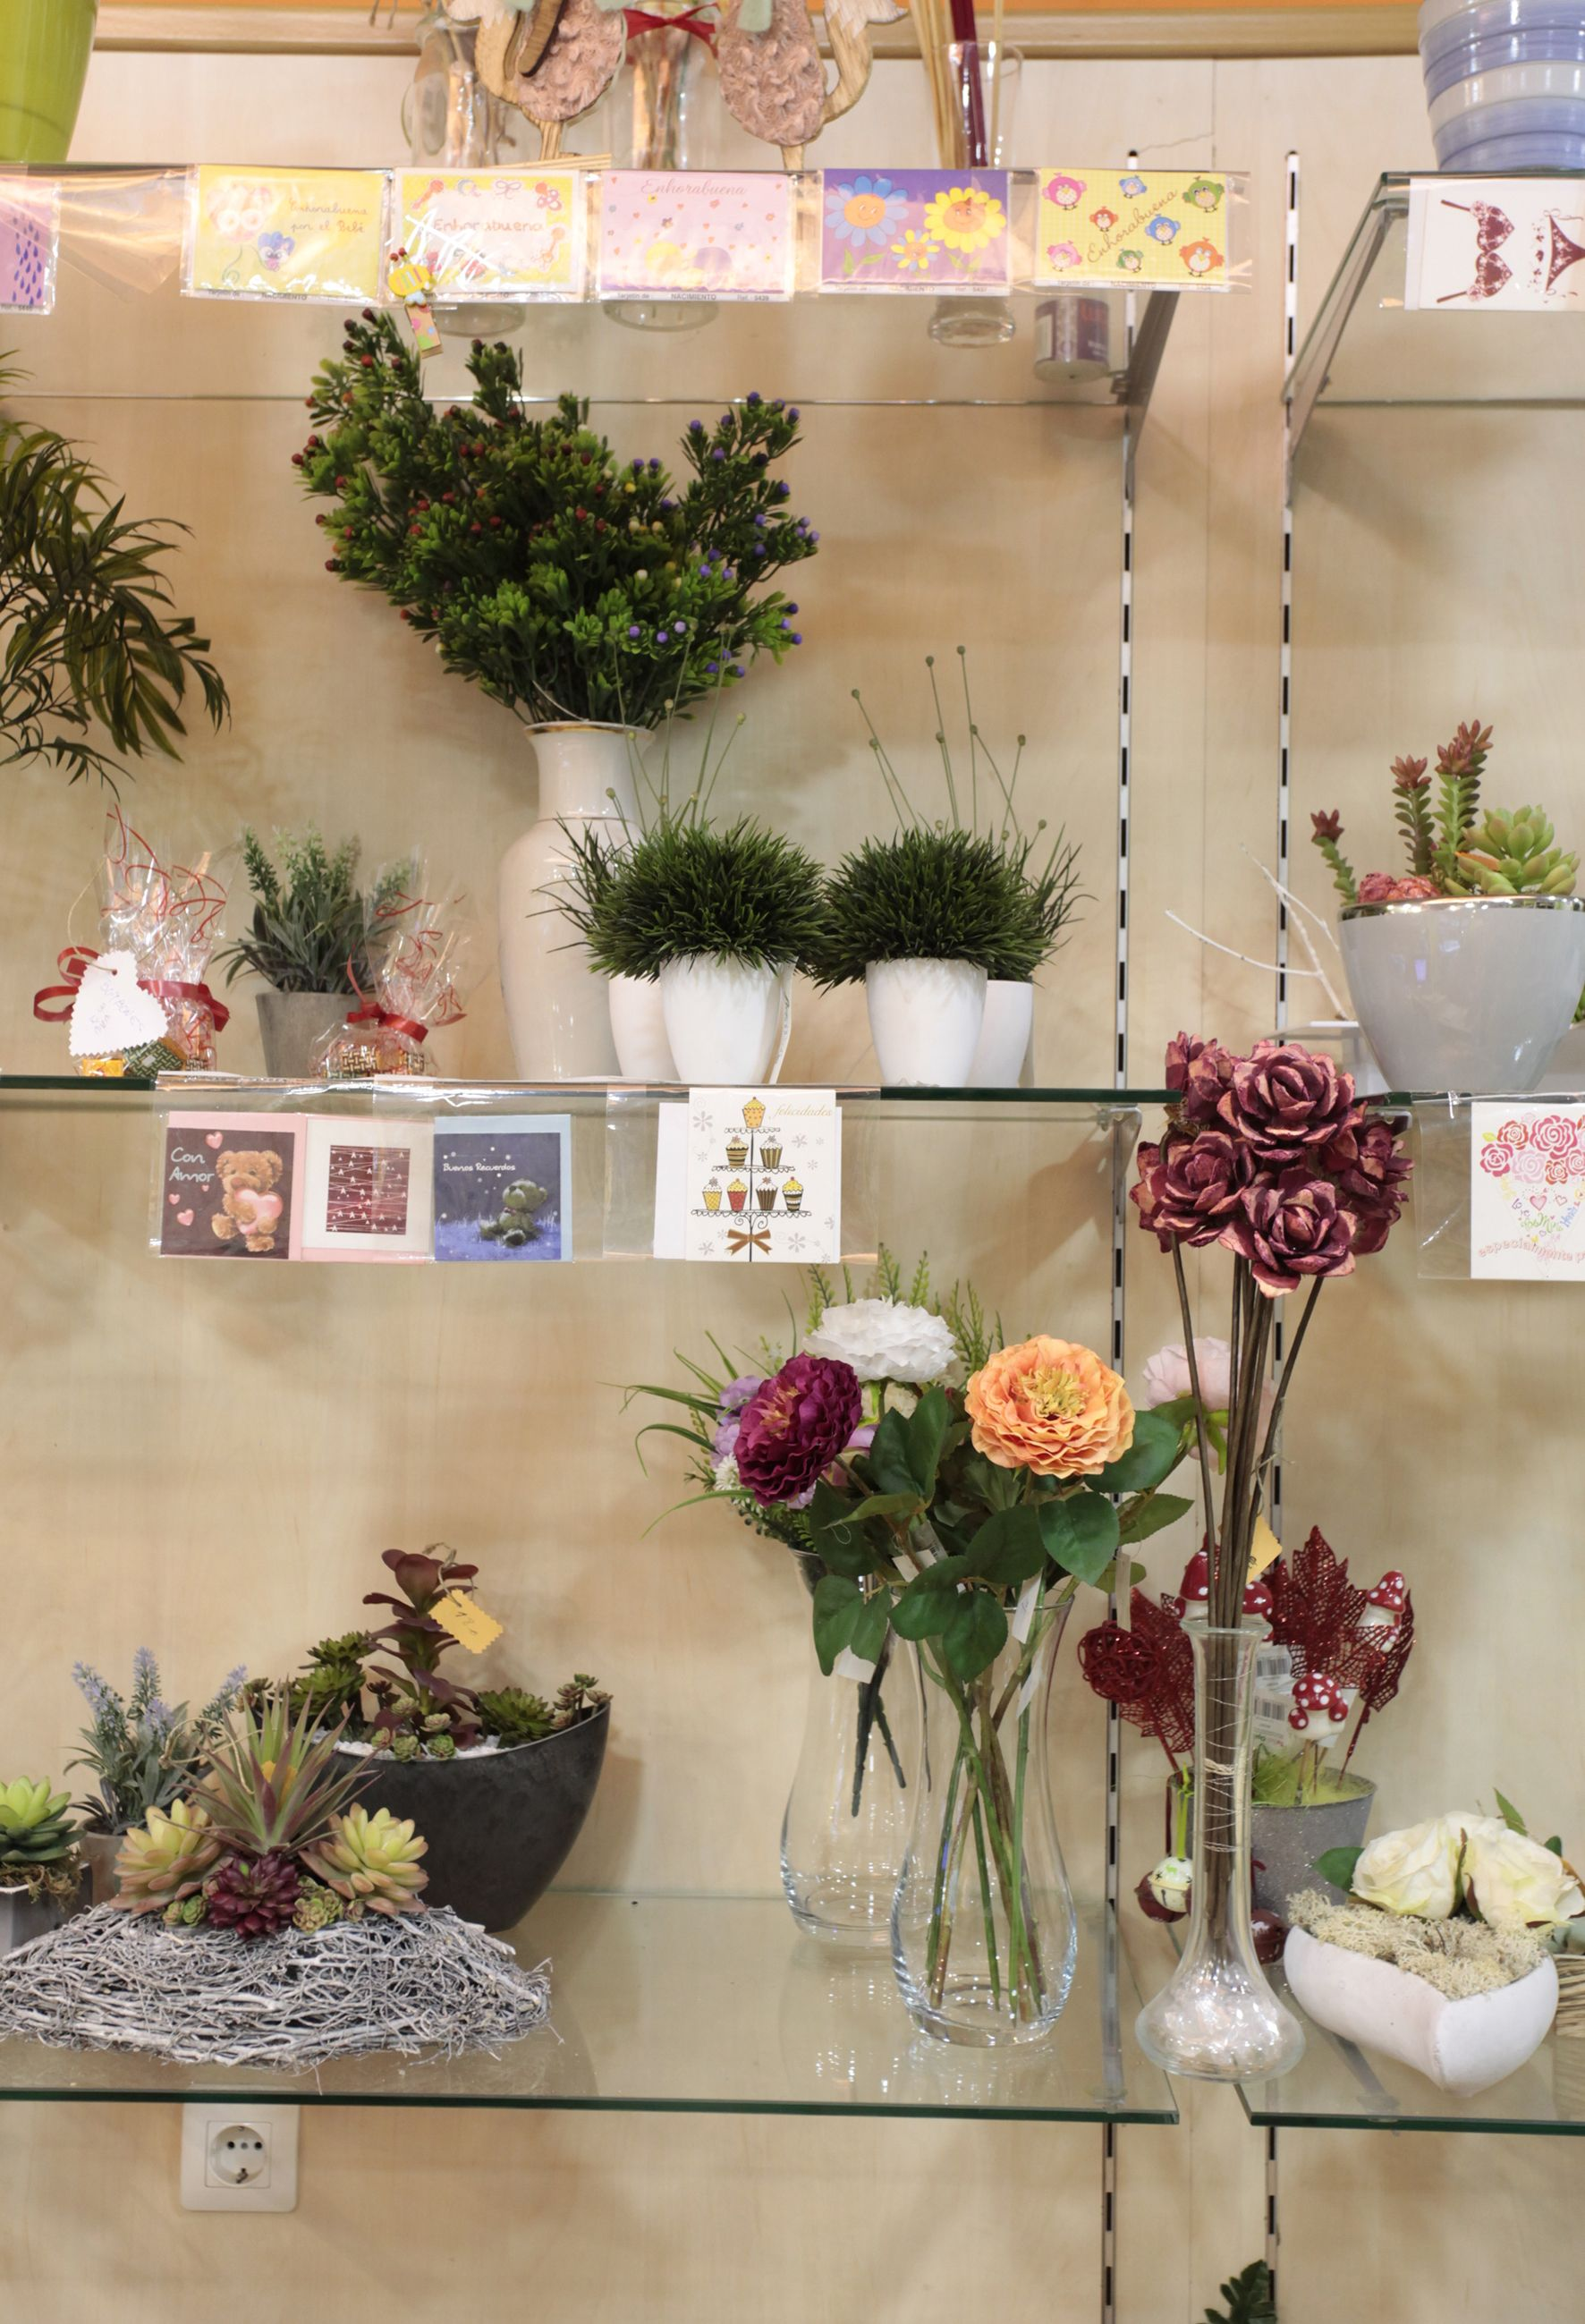 Encarga tu ramo de flores a Floristería Jardinflor